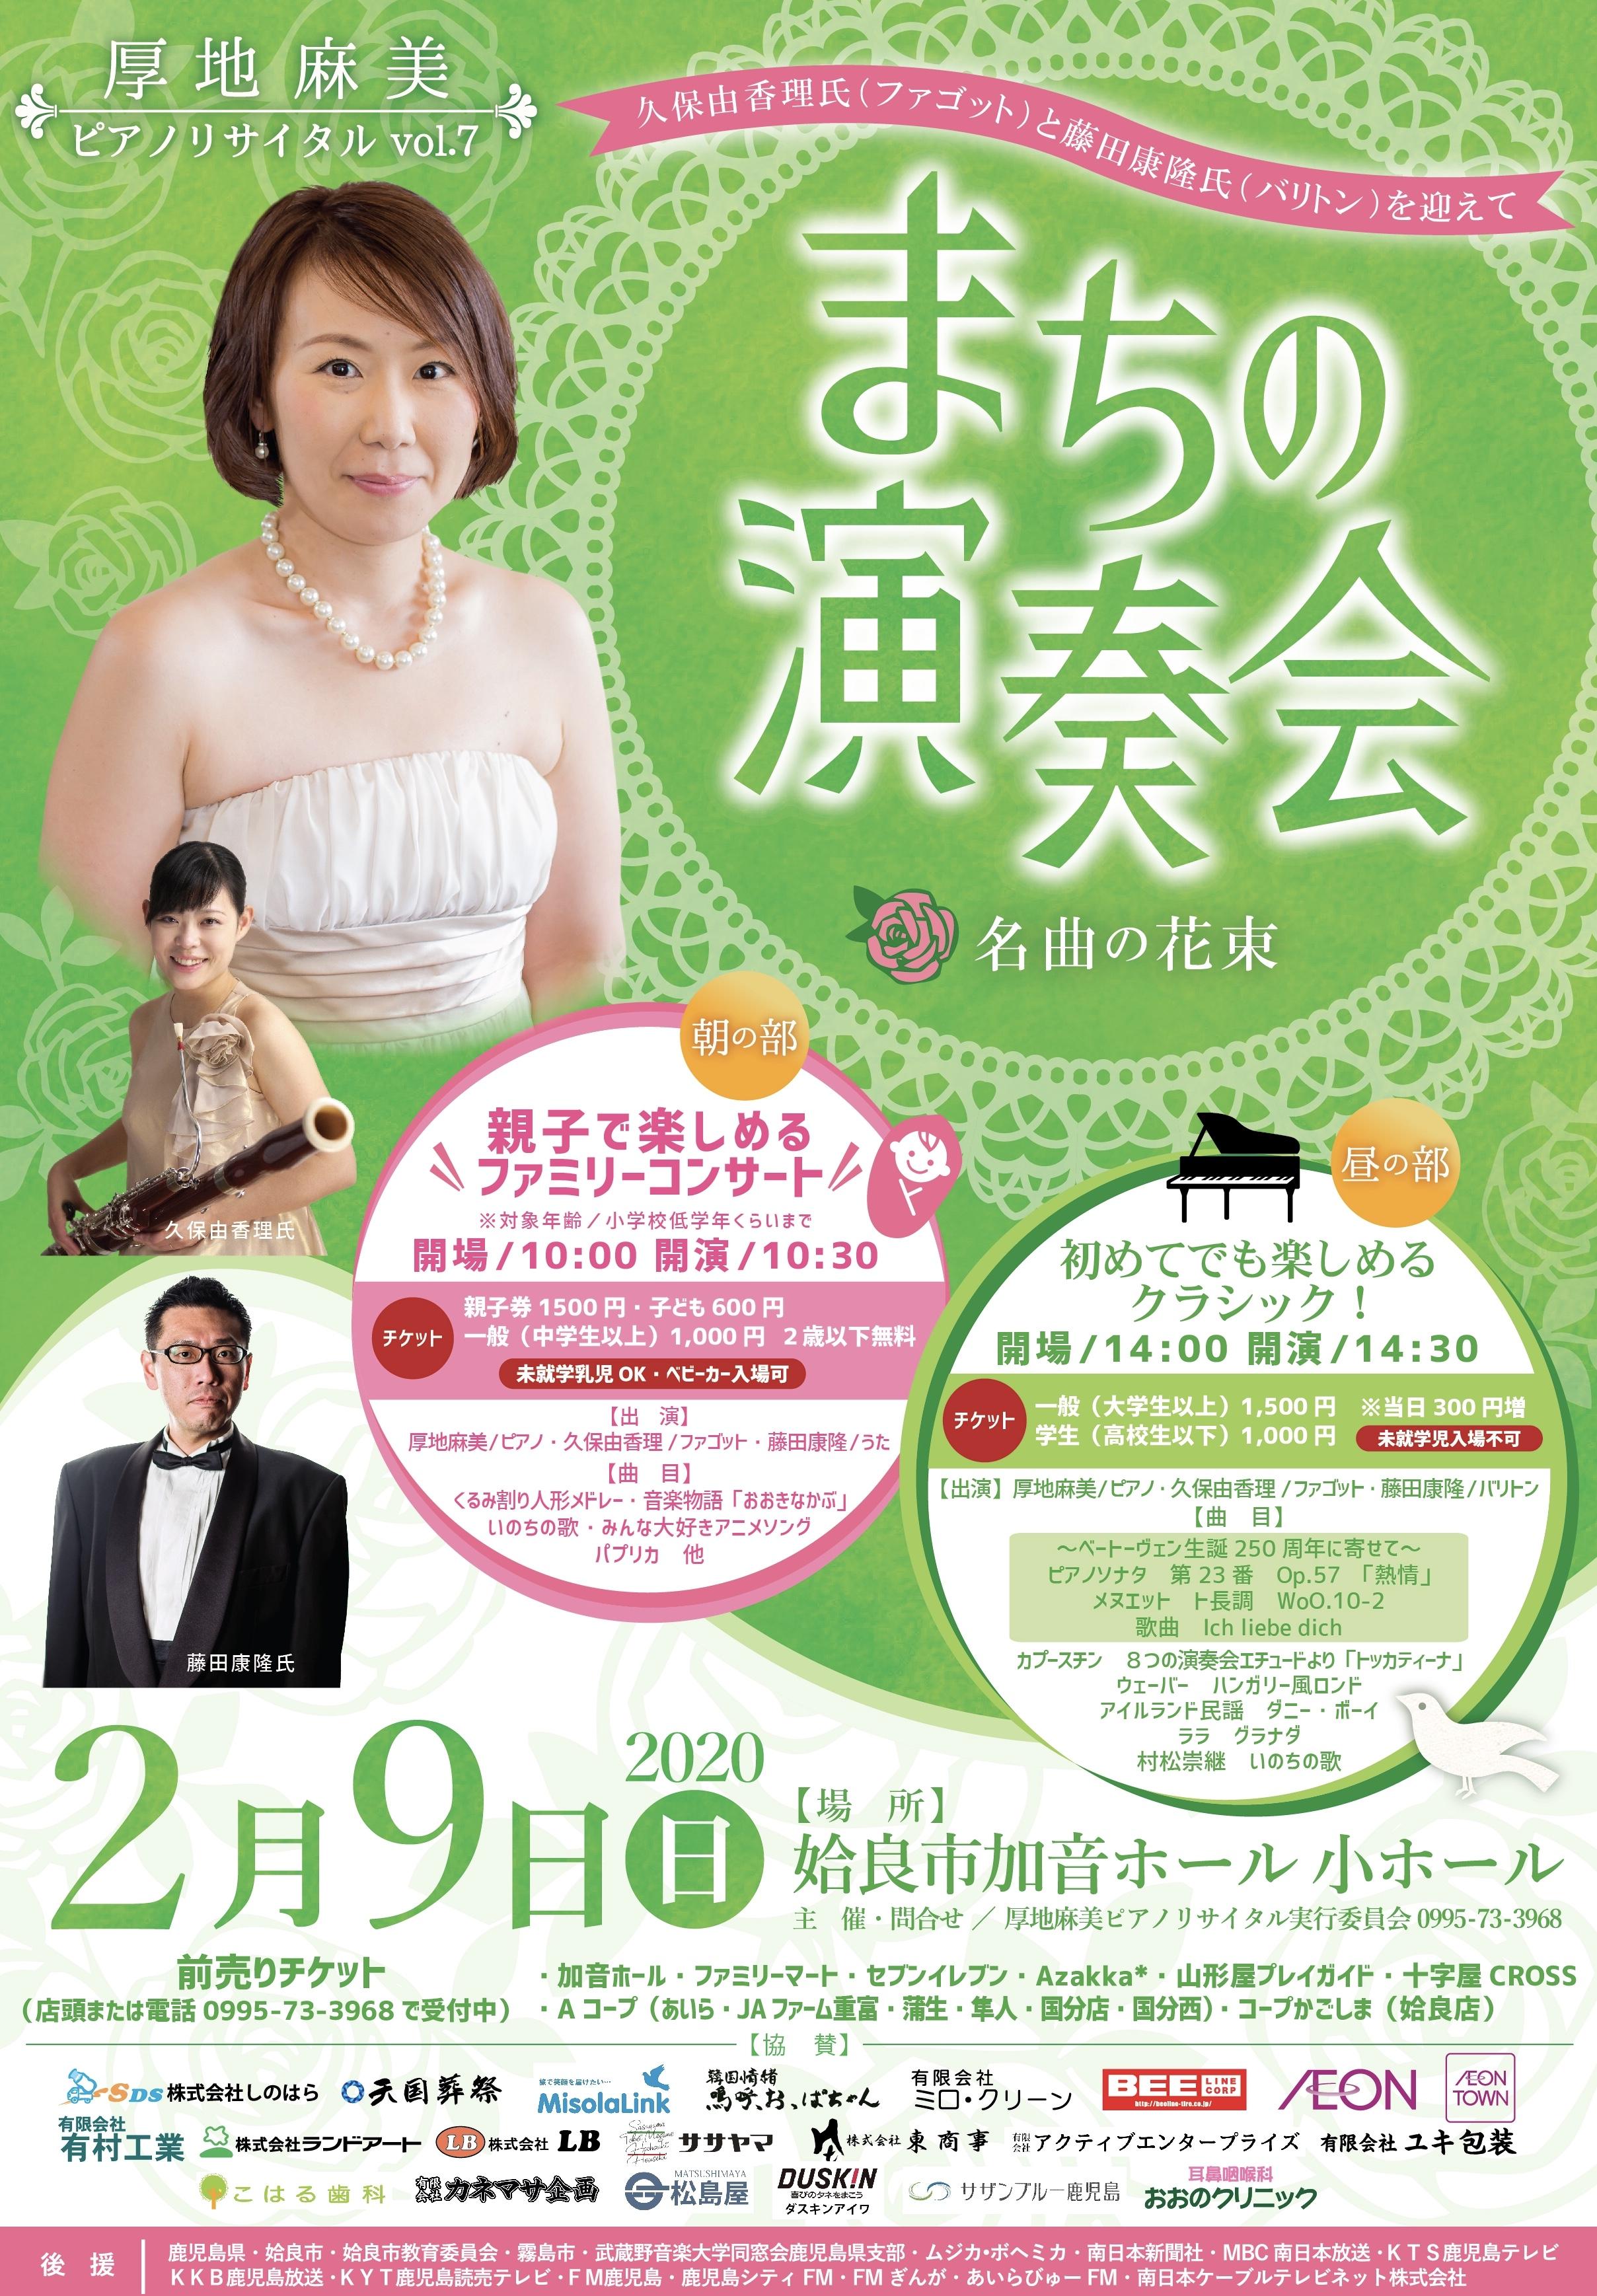 厚地麻美ピアノリサイタルシリーズVol.7 まちの演奏会